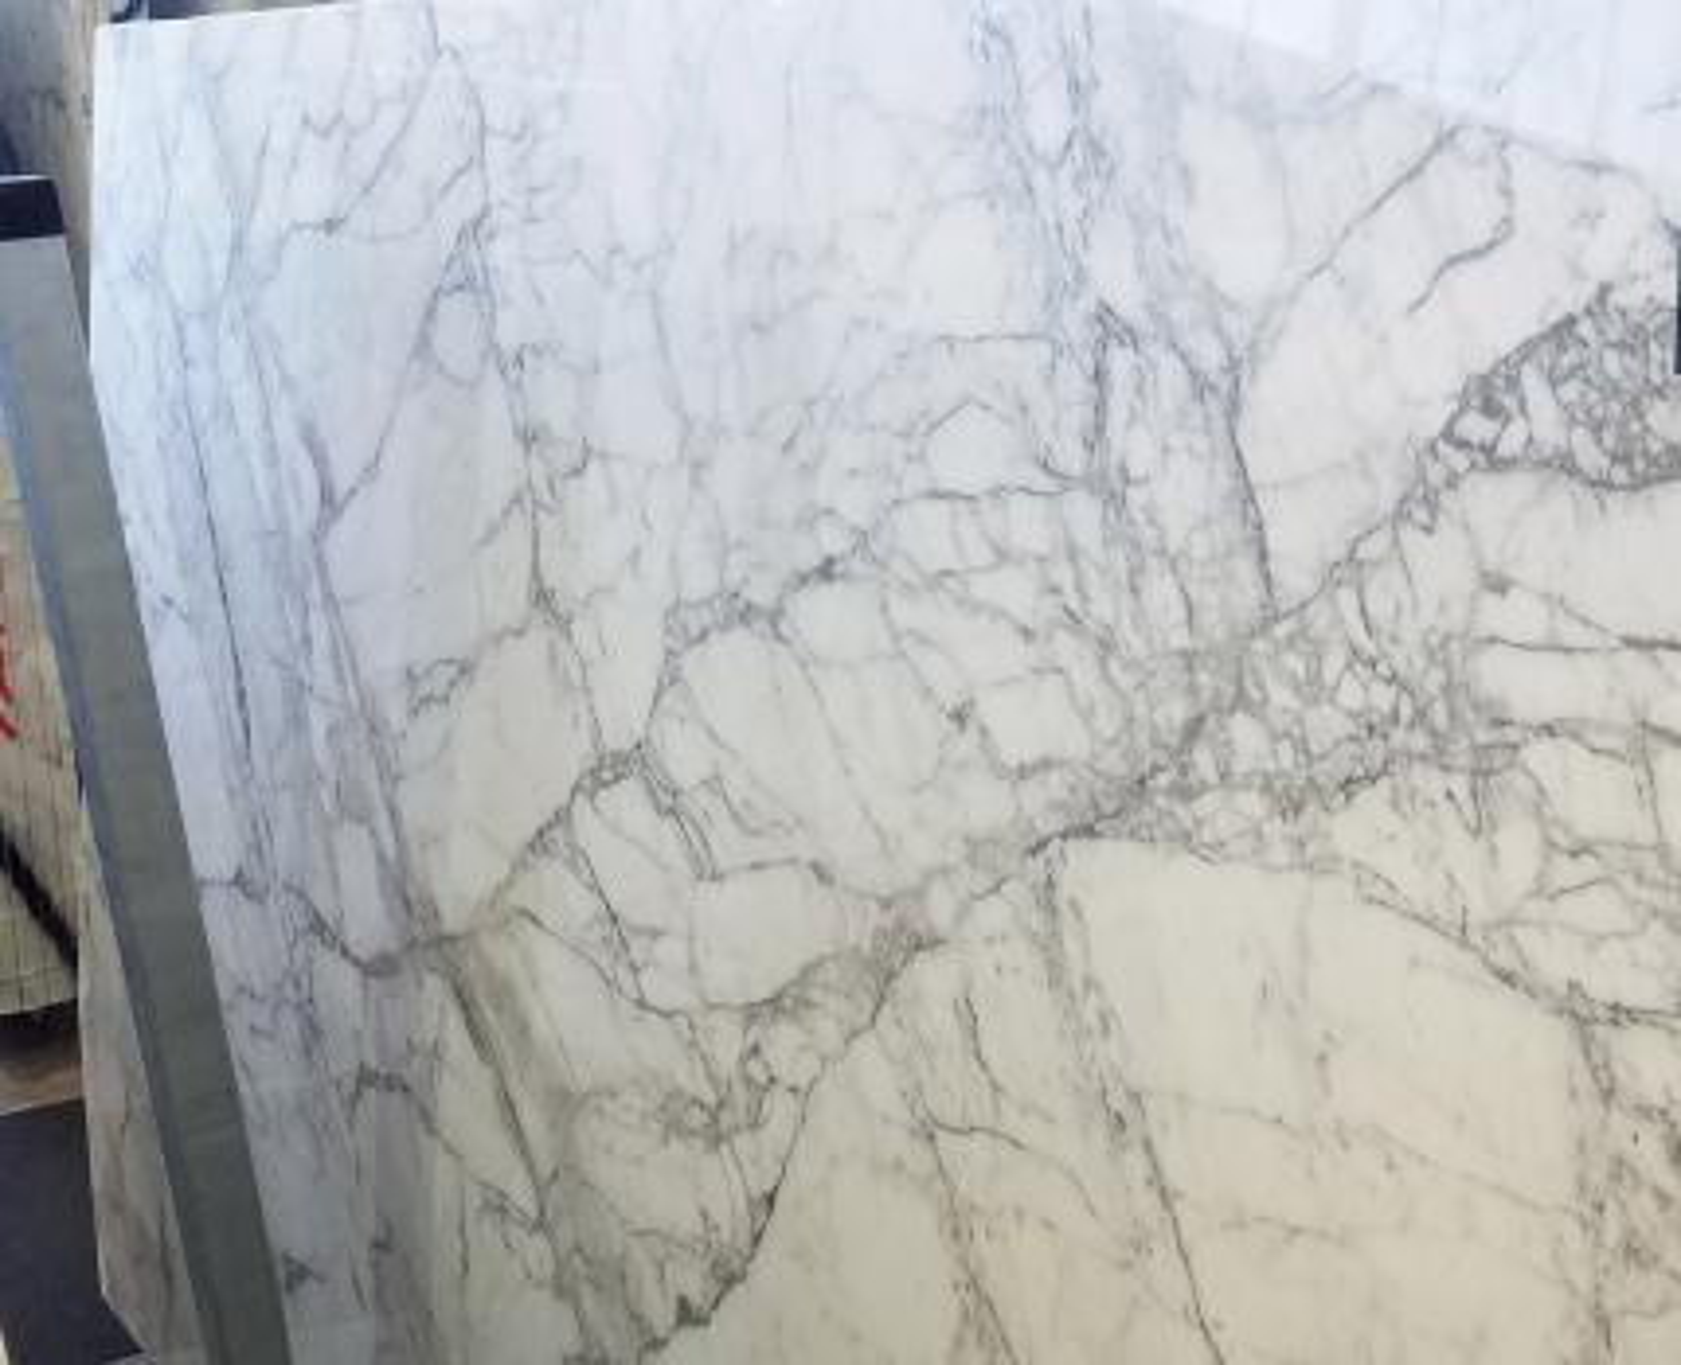 ARABESCATO CORCHIA Suministro Veneto (Italia) de planchas pulidas en mármol natural TL0198